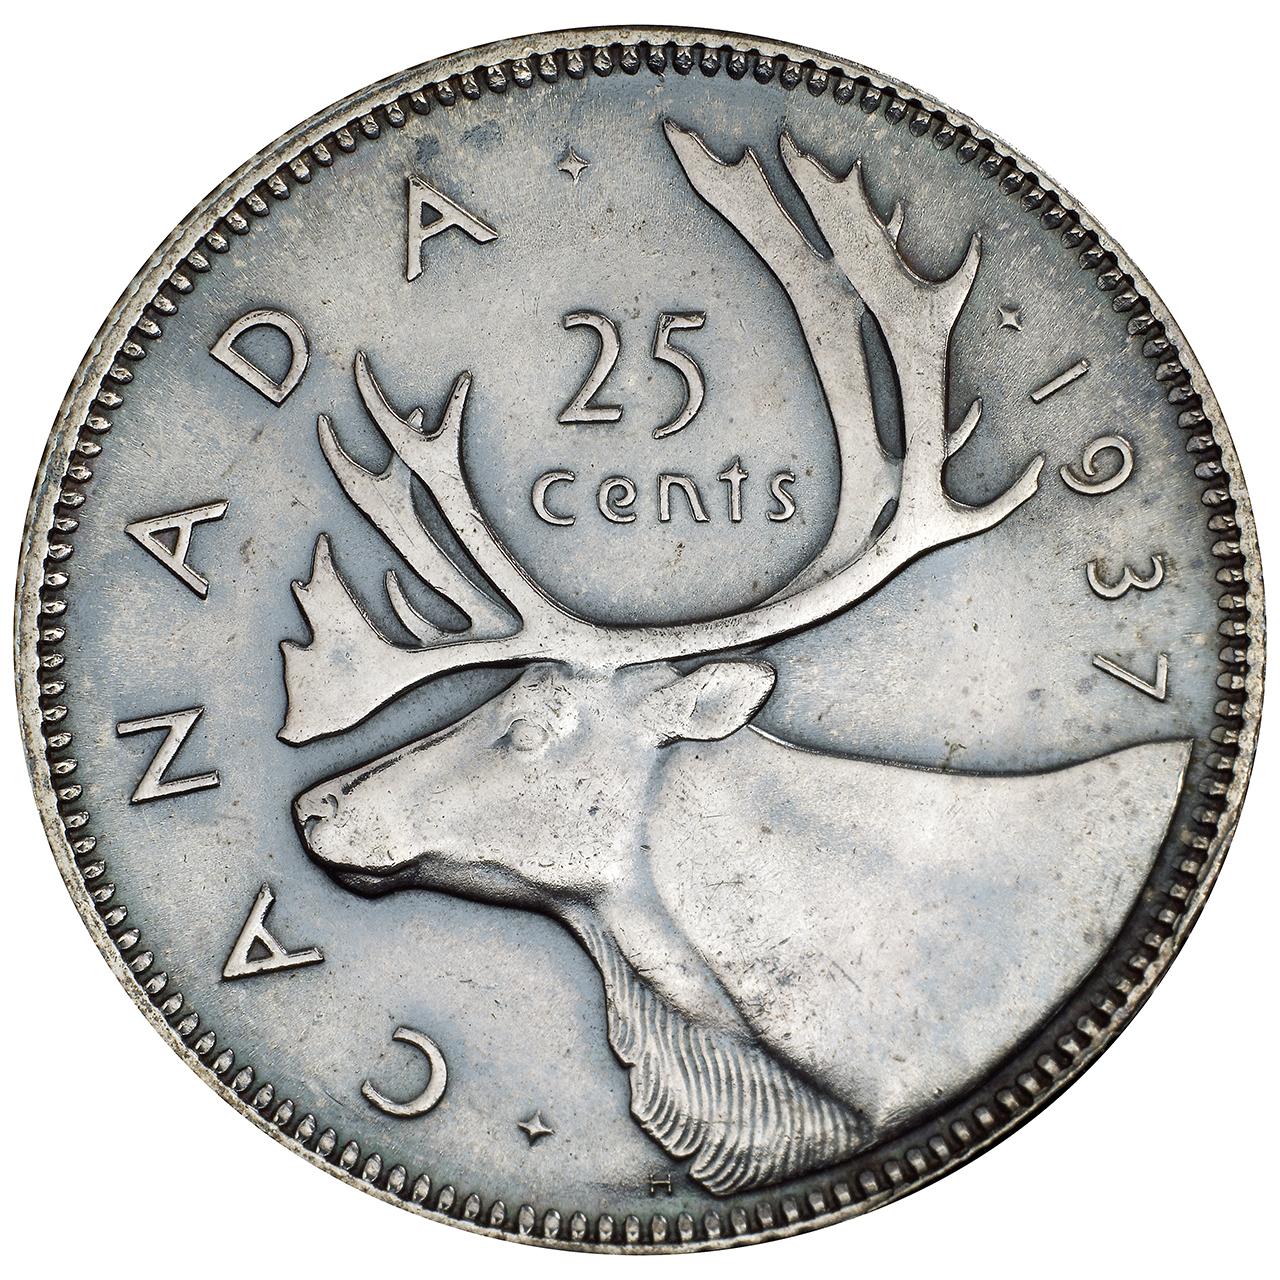 1937 quarter